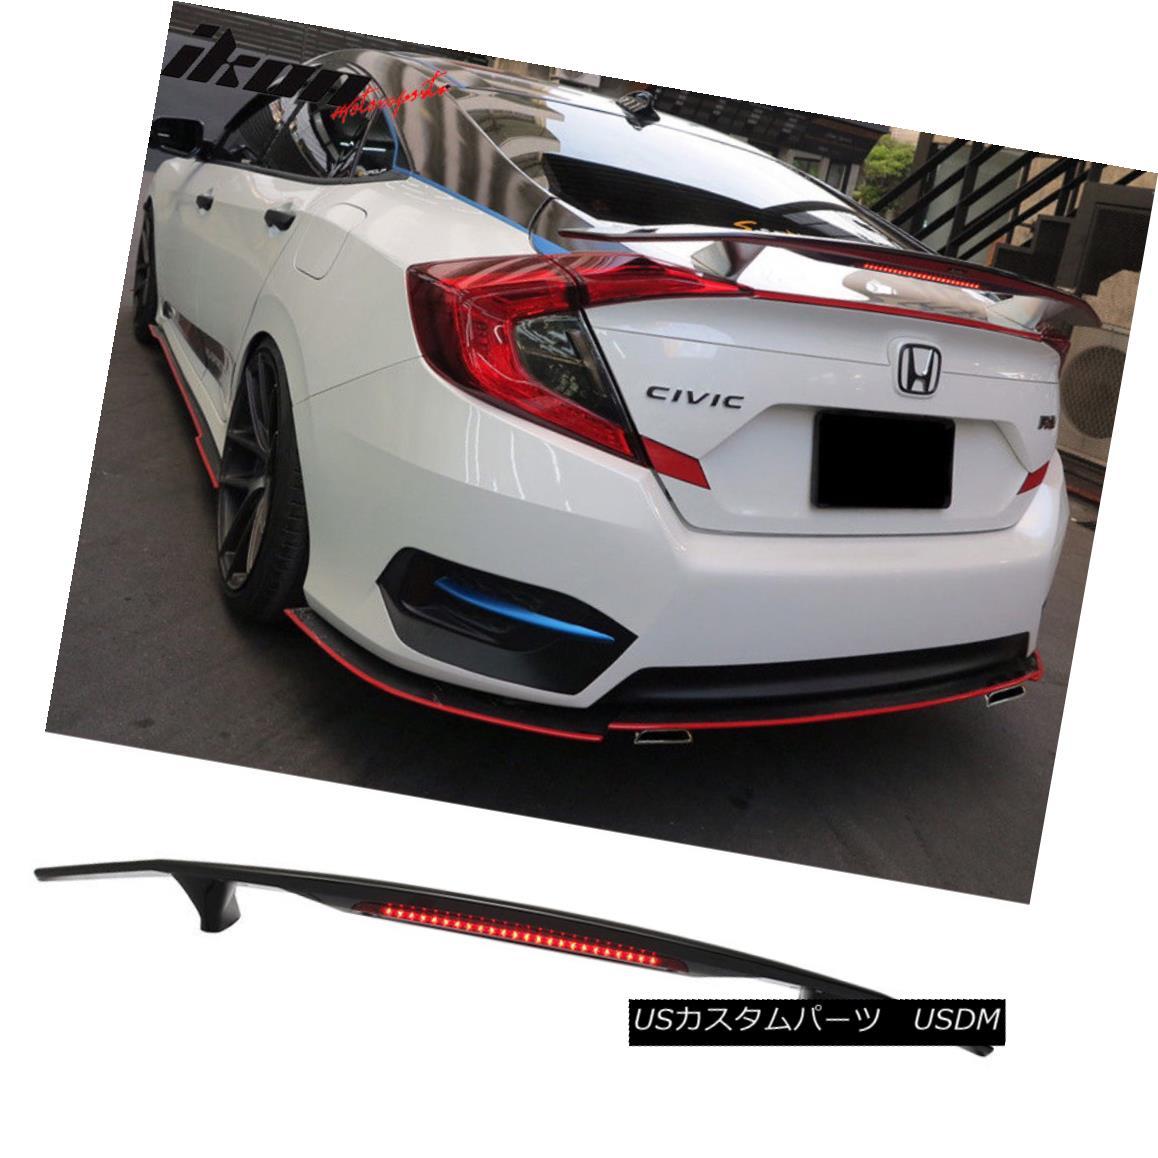 エアロパーツ 2 Post Universal Glossy Black Trunk Spoiler Wing & 3RD Brake LED Light - ABS 2ポストユニバーサル光沢ブラックトランクスポイラーウイング& 3RDブレーキLEDライト - ABS